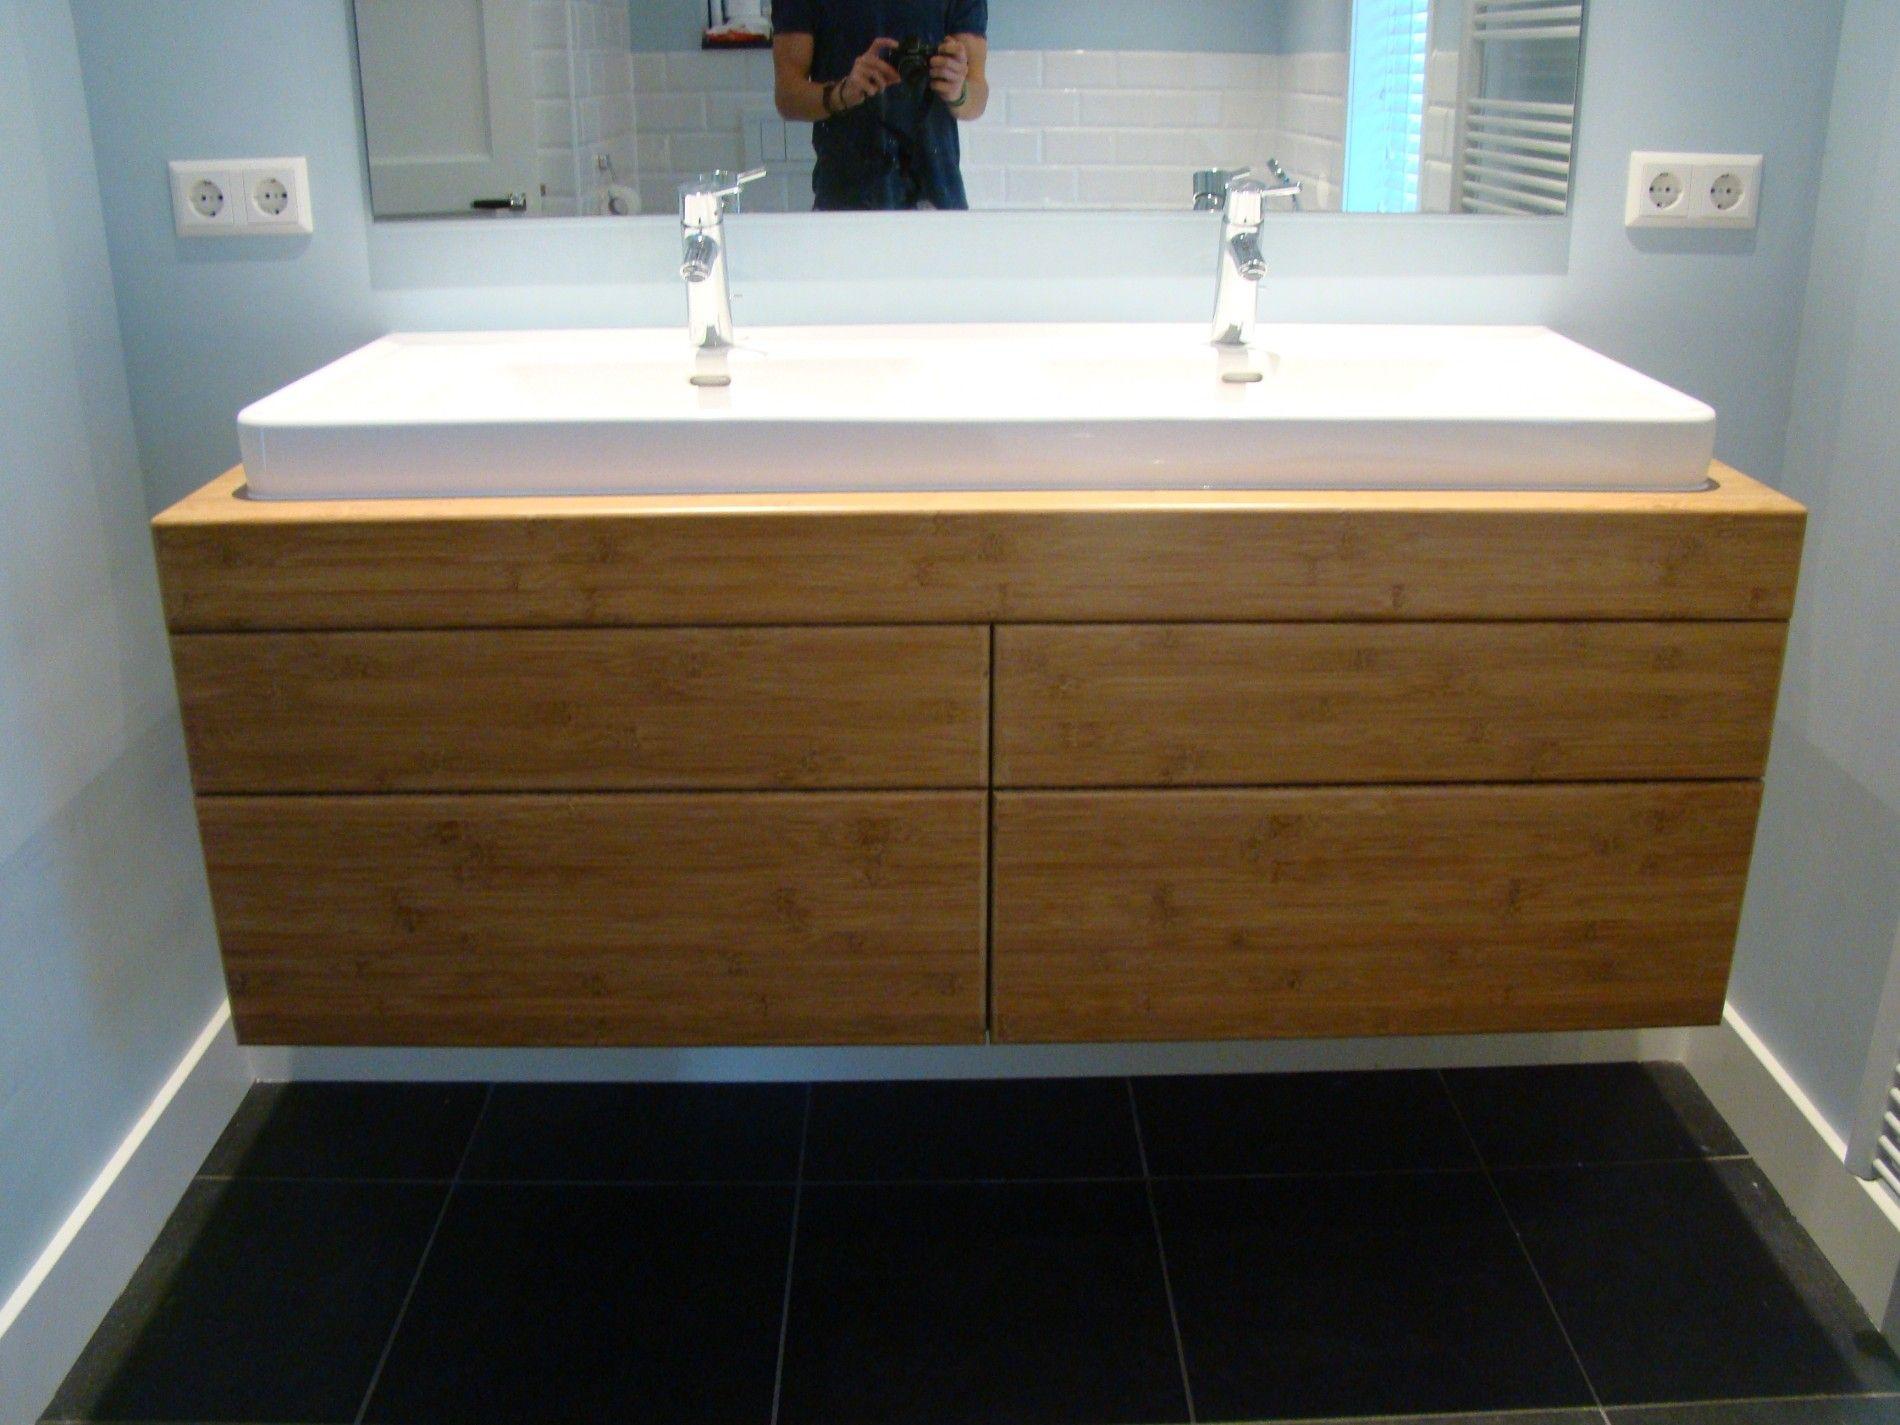 Bamboe badkamermeubel vooraanzicht - Badkamer | Pinterest ...